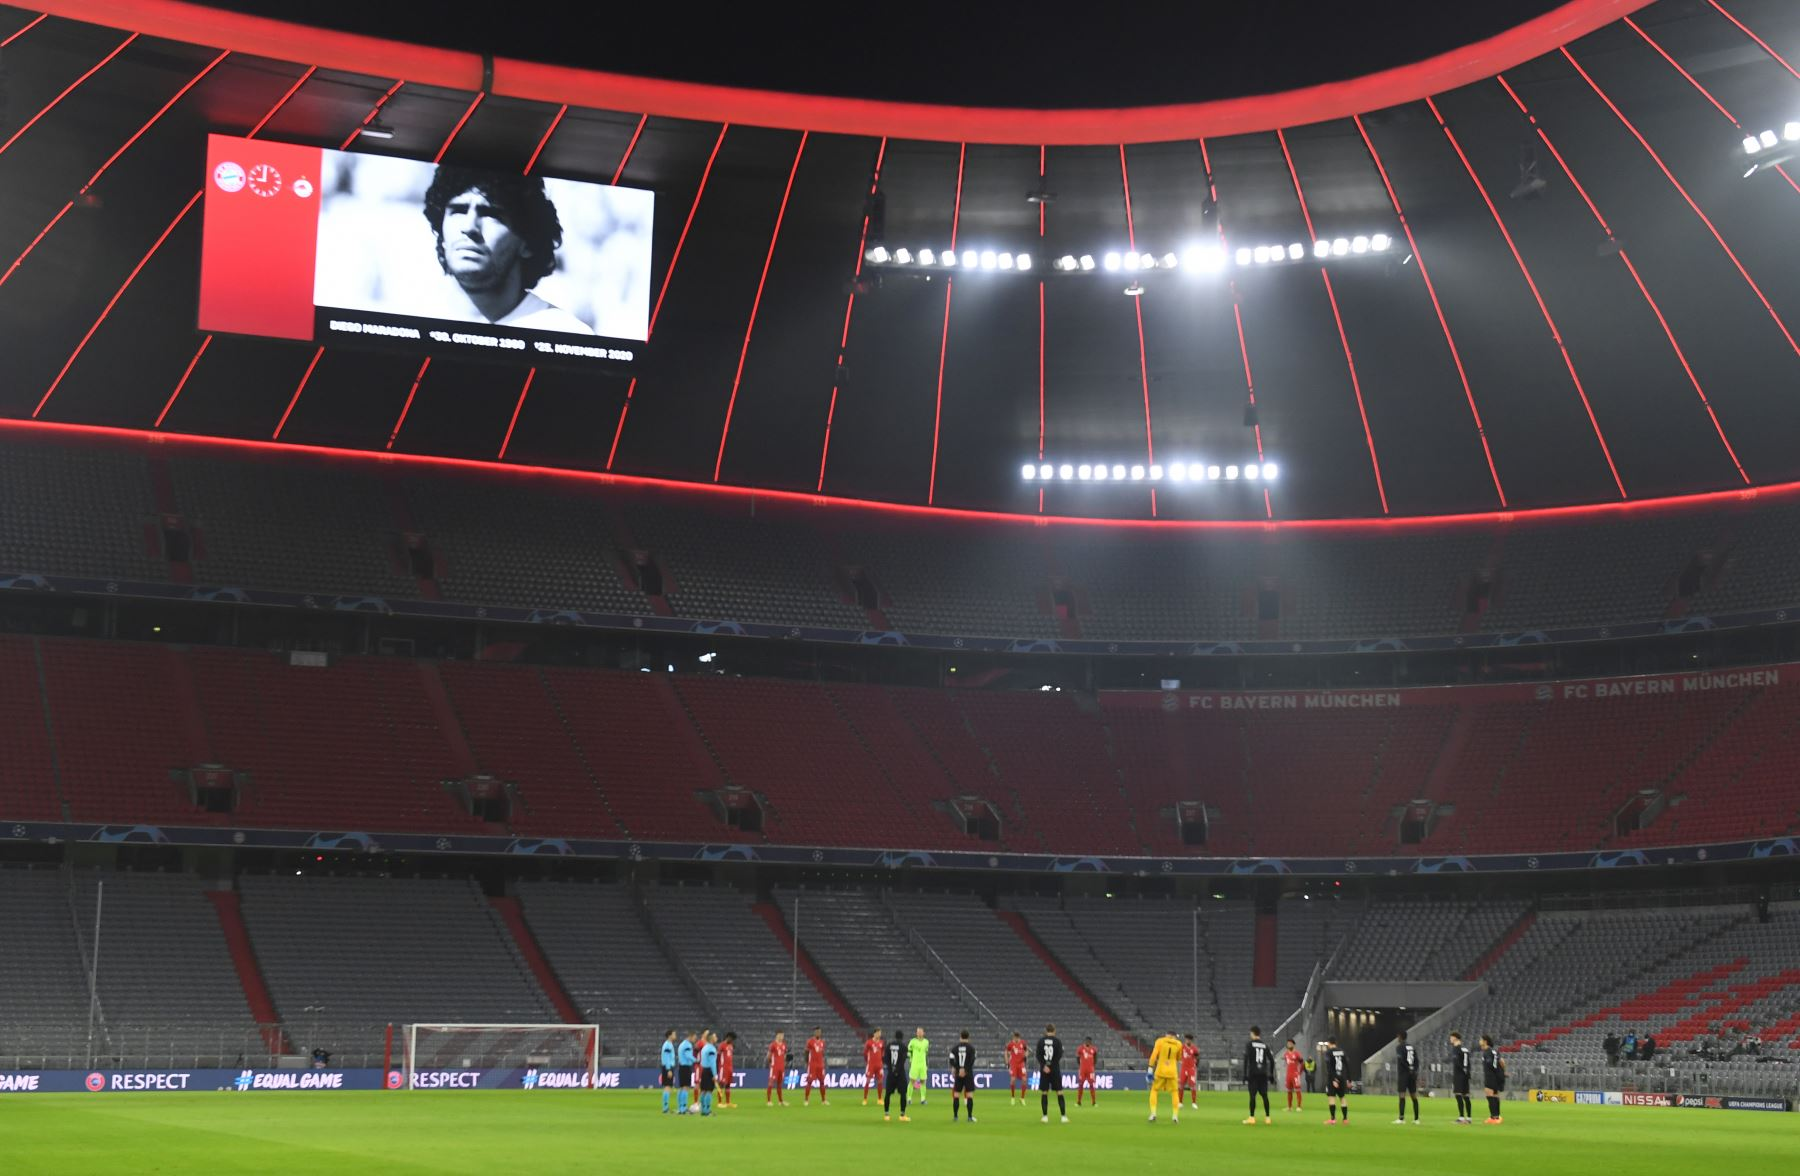 Los jugadores guardan un minuto de silencio por la leyenda del fútbol argentino Diego Maradona antes del partido de fútbol del grupo A de la Liga de Campeones de la UEFA Bayern Munich v Salzburg en Munich. Foto: AFP